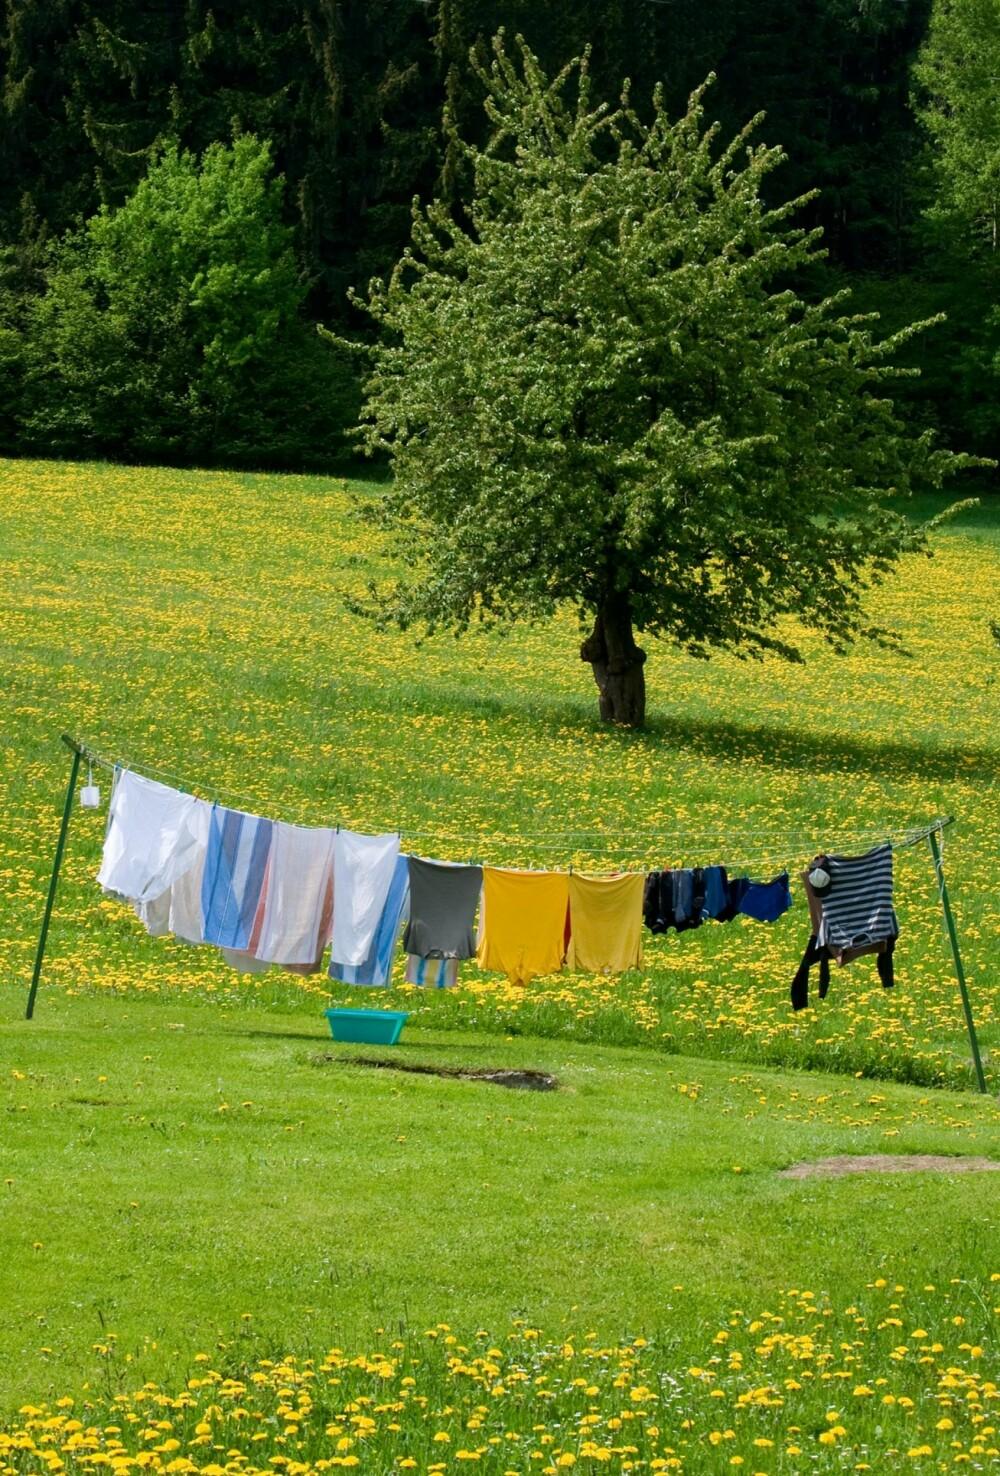 IKKE TØRK KLÆRNE UTE: Pollenkorn kan feste seg til klærne når de henger ute. Derfor bør du ta klestørken innendørs i pollensesongen.